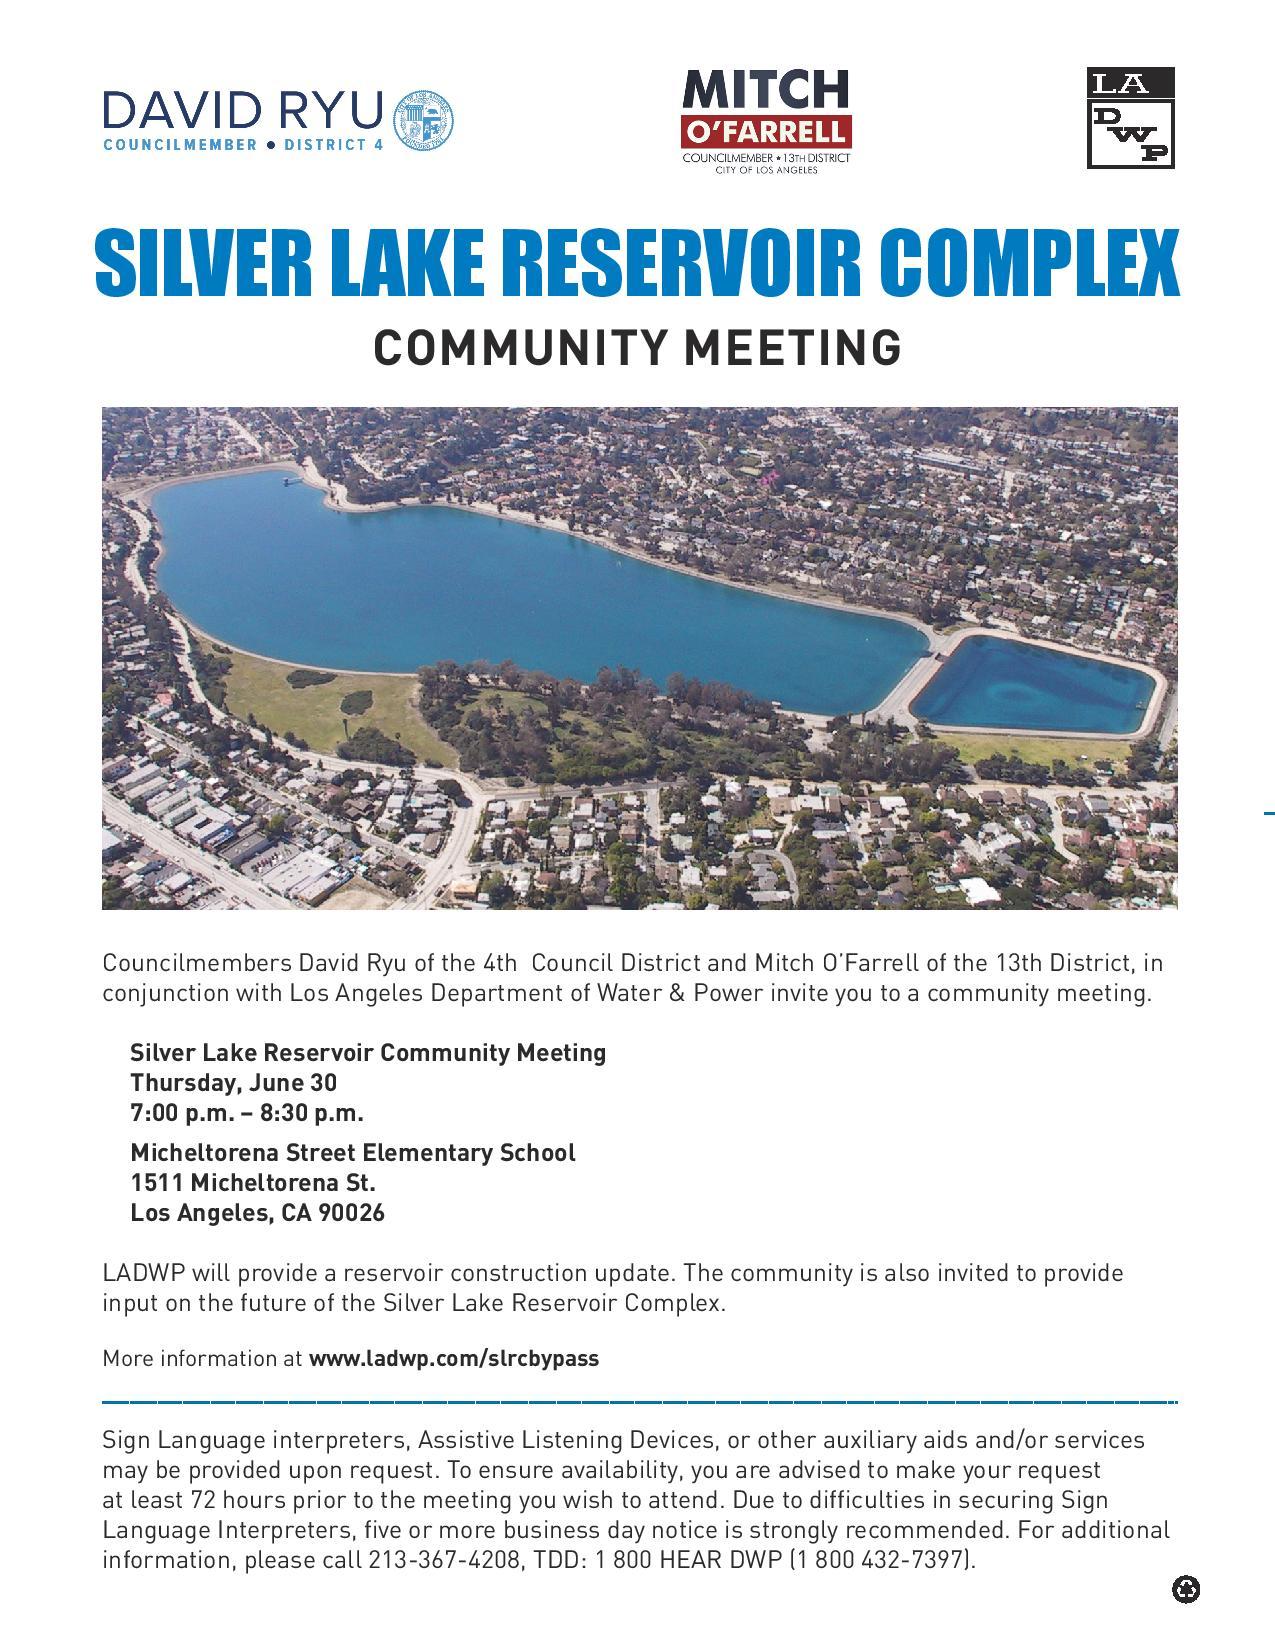 Silver_Lake_Reservoir_Meeting_Flyer_June_30_FINAL-page-001.jpg